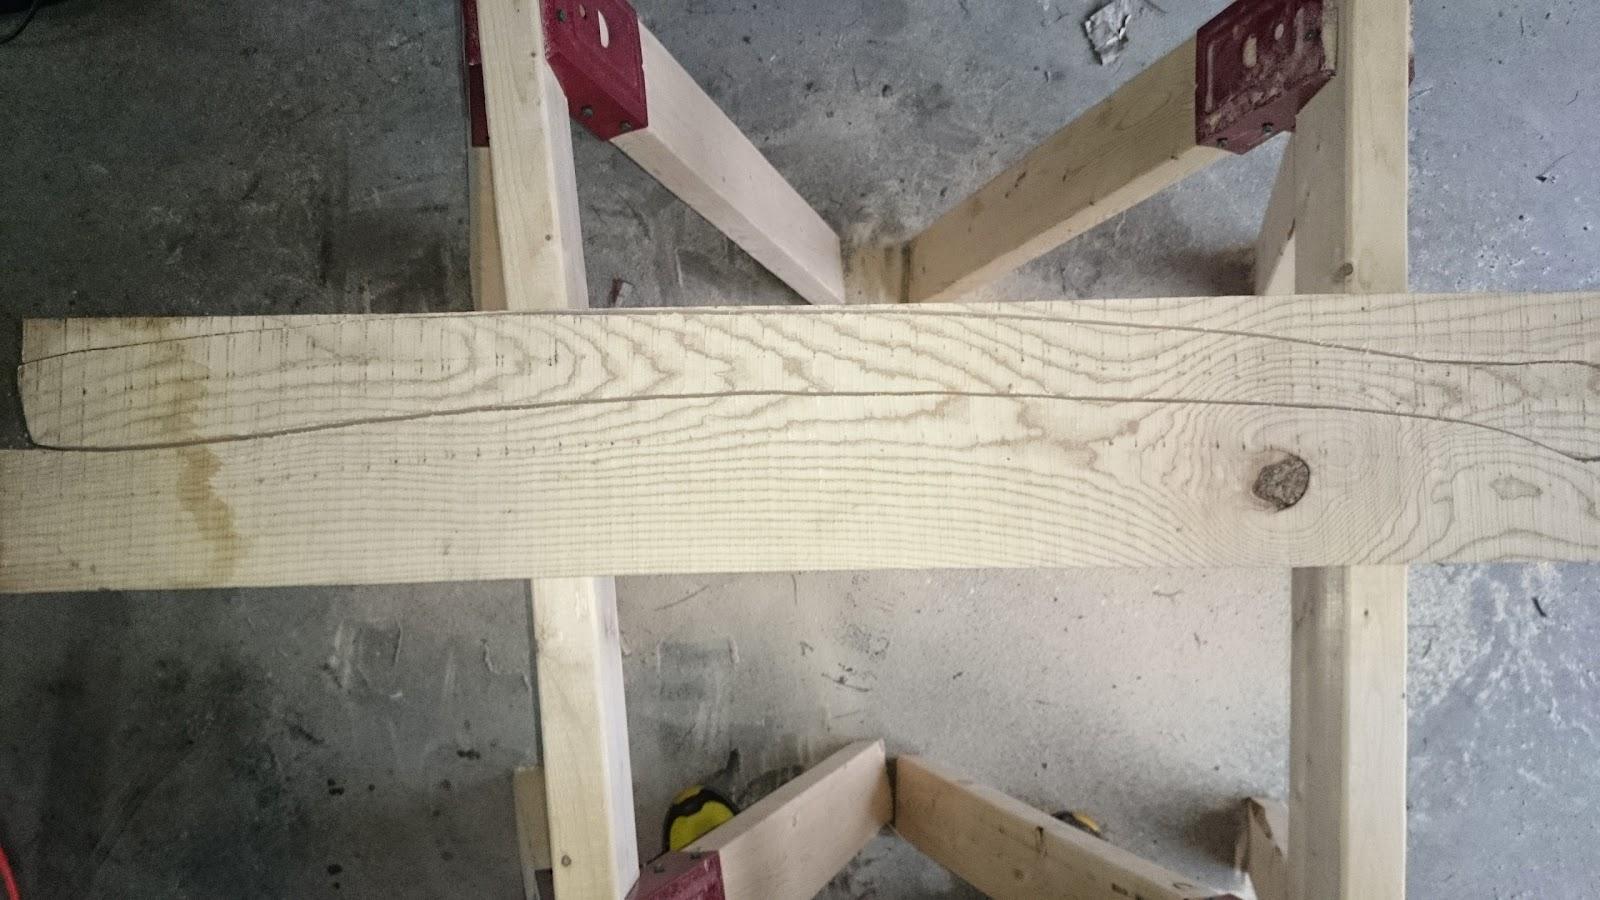 Rough cut tiller